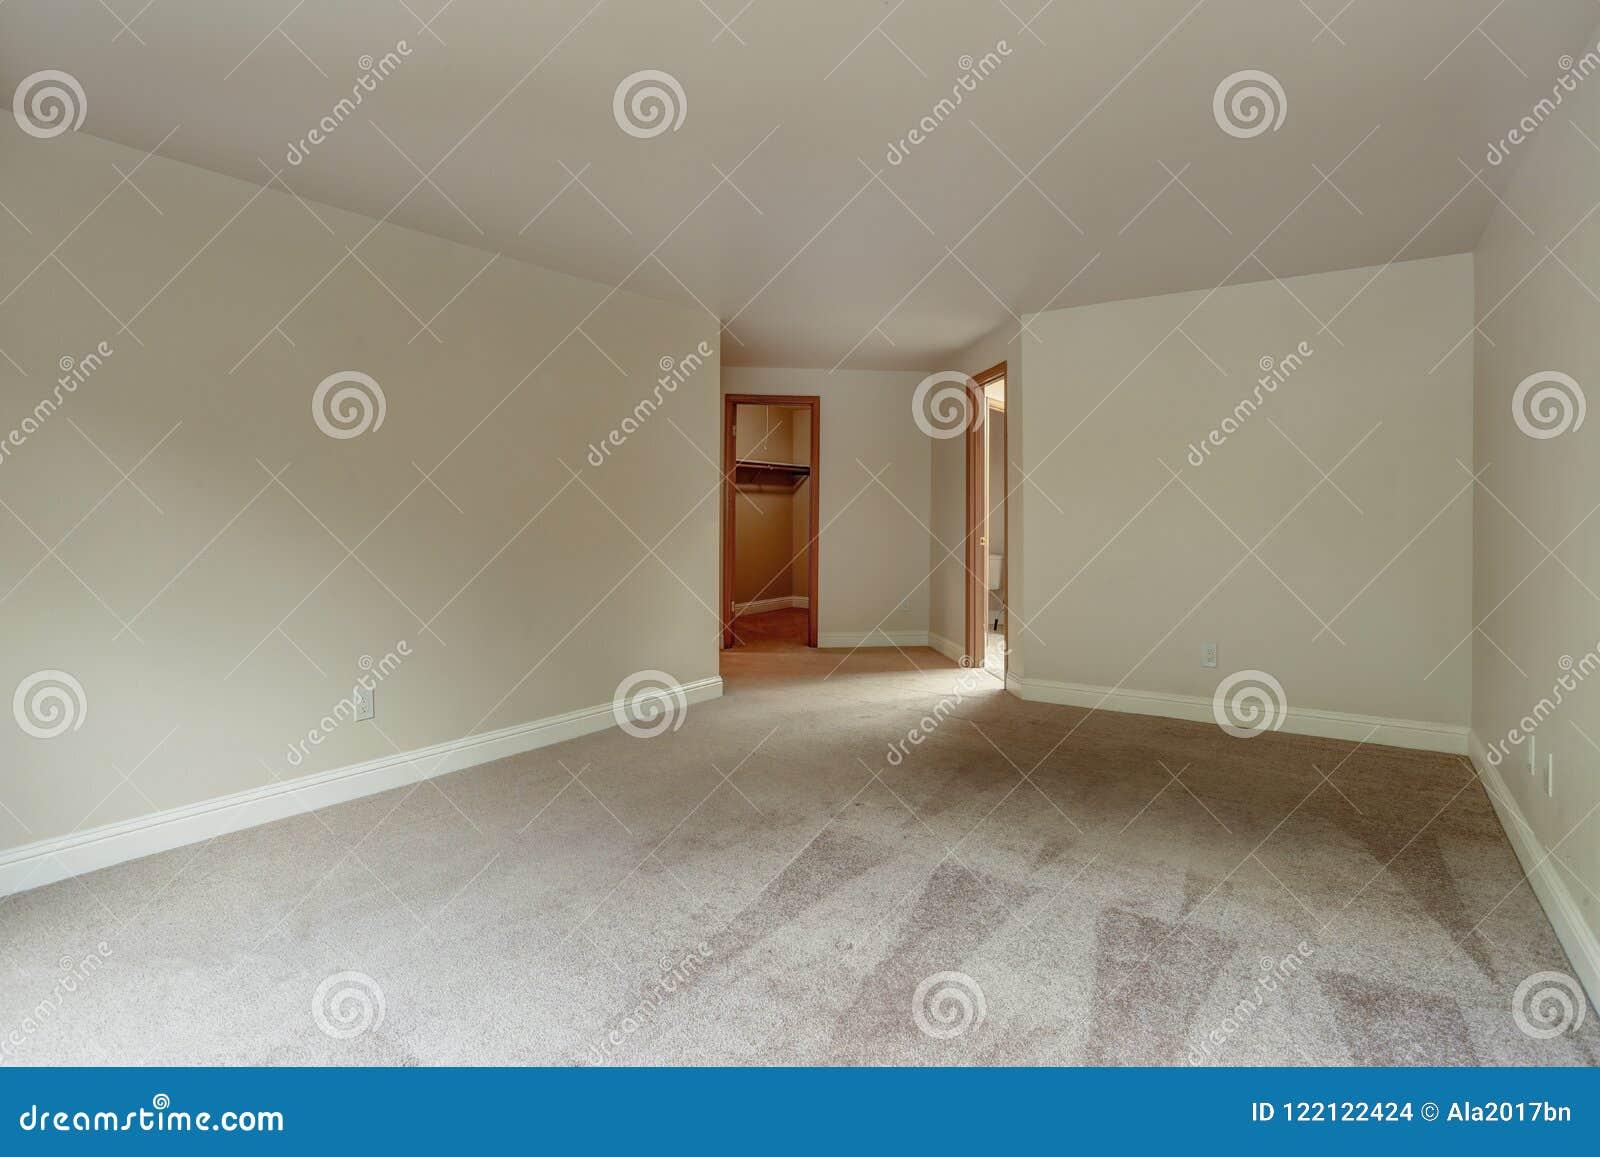 Empty bedroom with carpet floor.